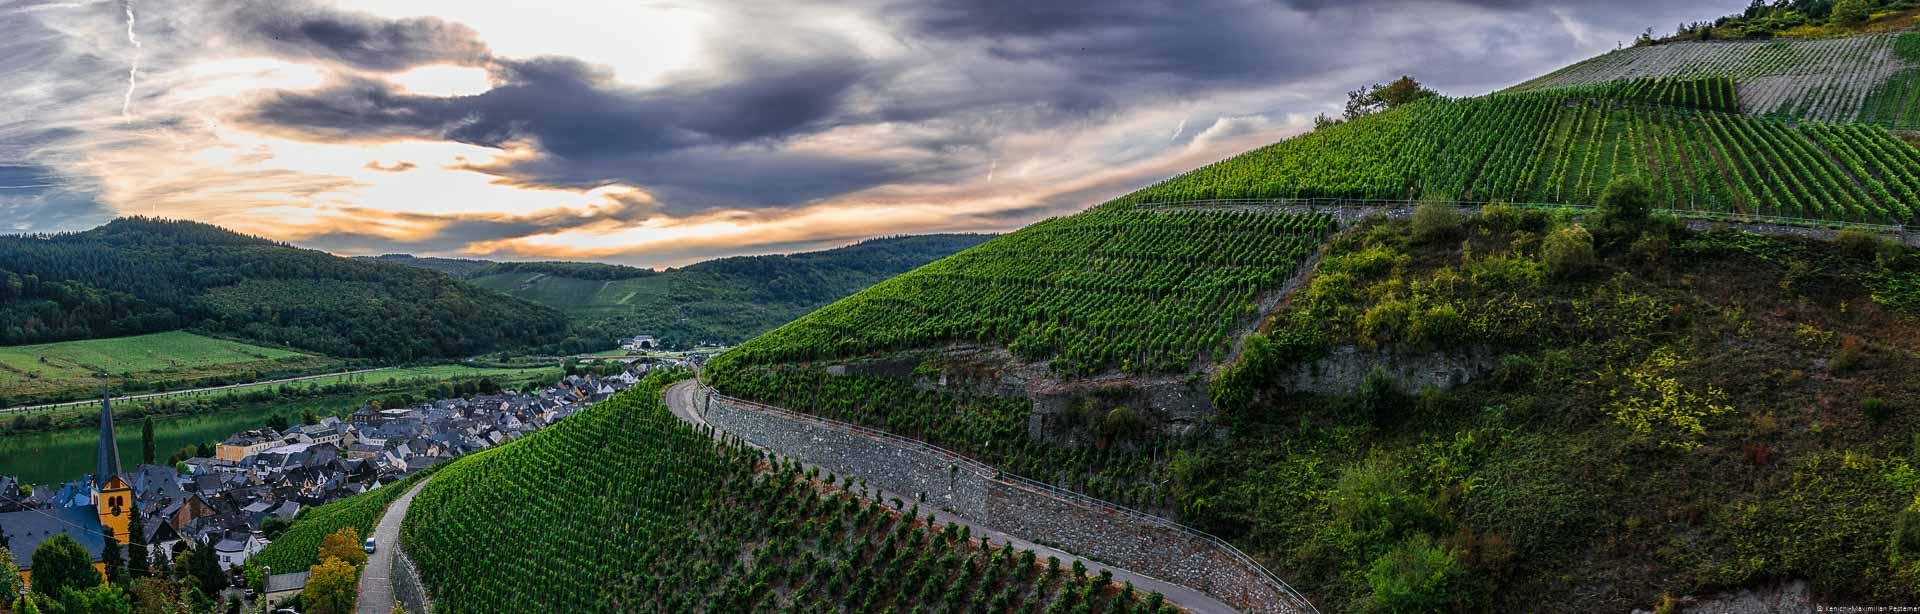 Der Zeltinger Schlossberg bietet auch aufgrund der Klimaerwärmung immer interessantere Parzellen für die Herstellung von Moselwein.